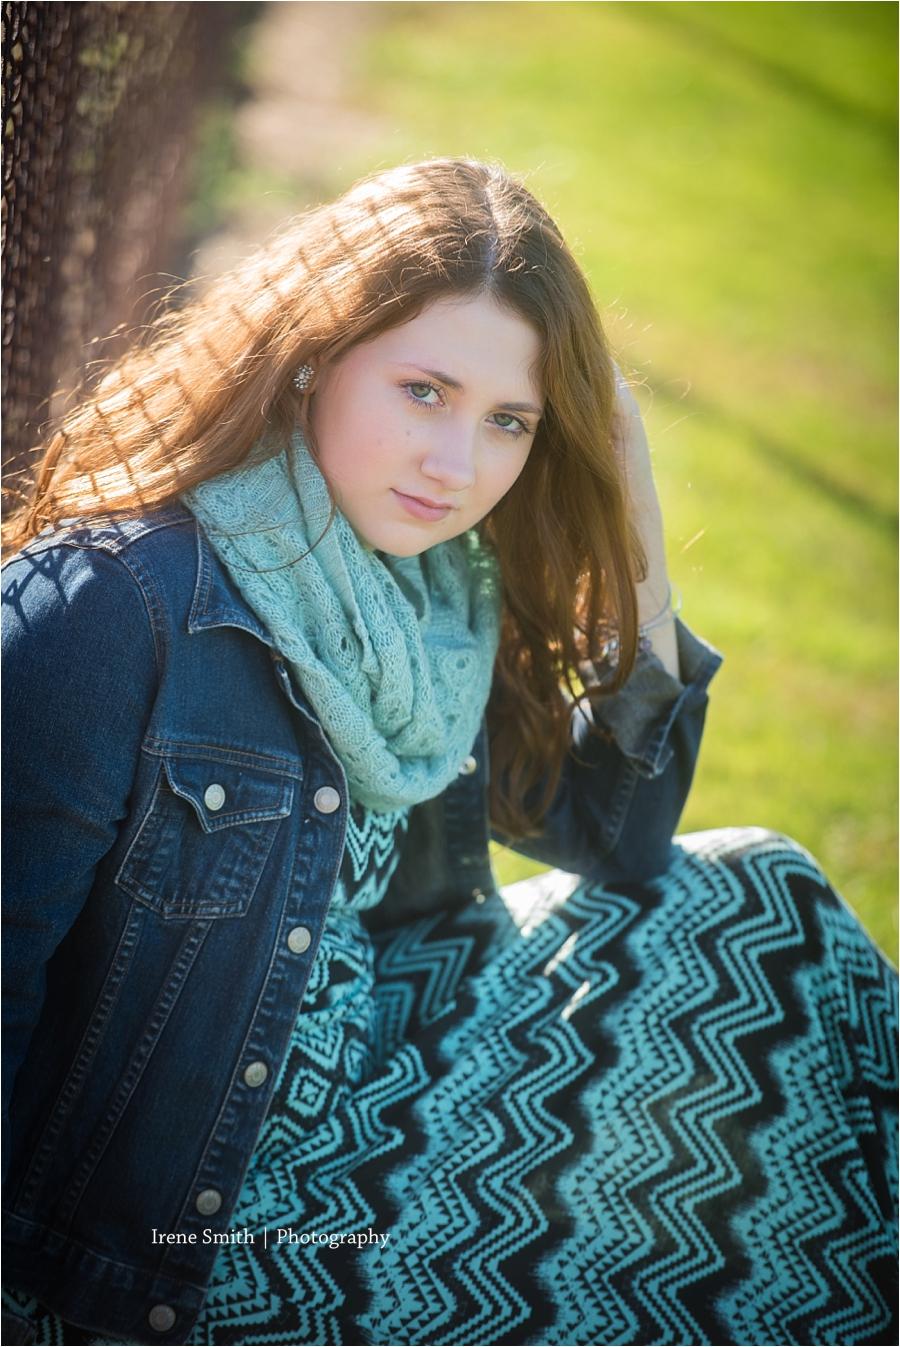 Senior-photography-Irene-Smith-Photography-Oil-City-Franklin-Pennsylvania_0019.jpg